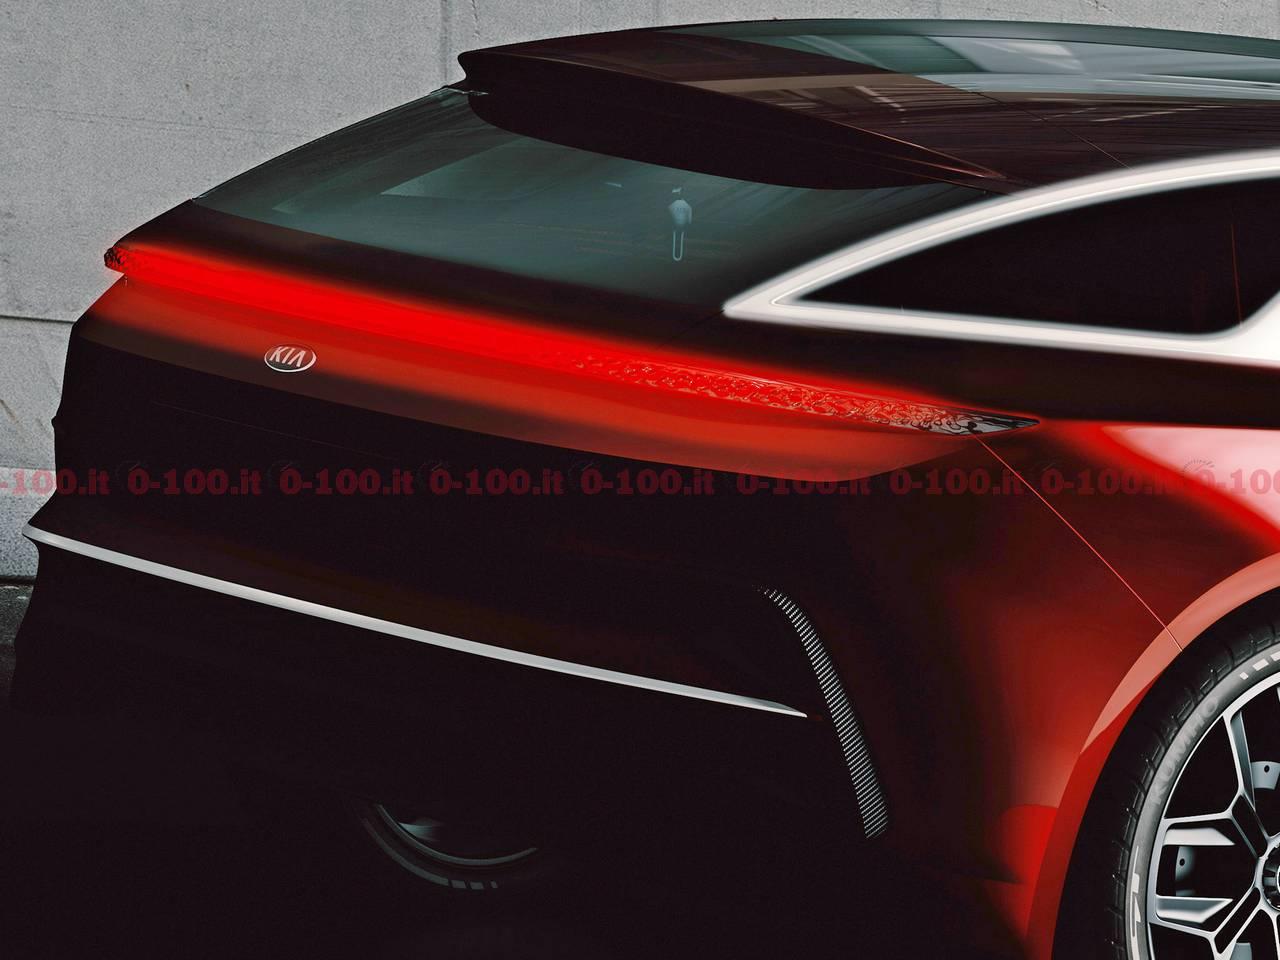 KIA-GT-Concept-Cee-d_iaa-2017_0-100-5